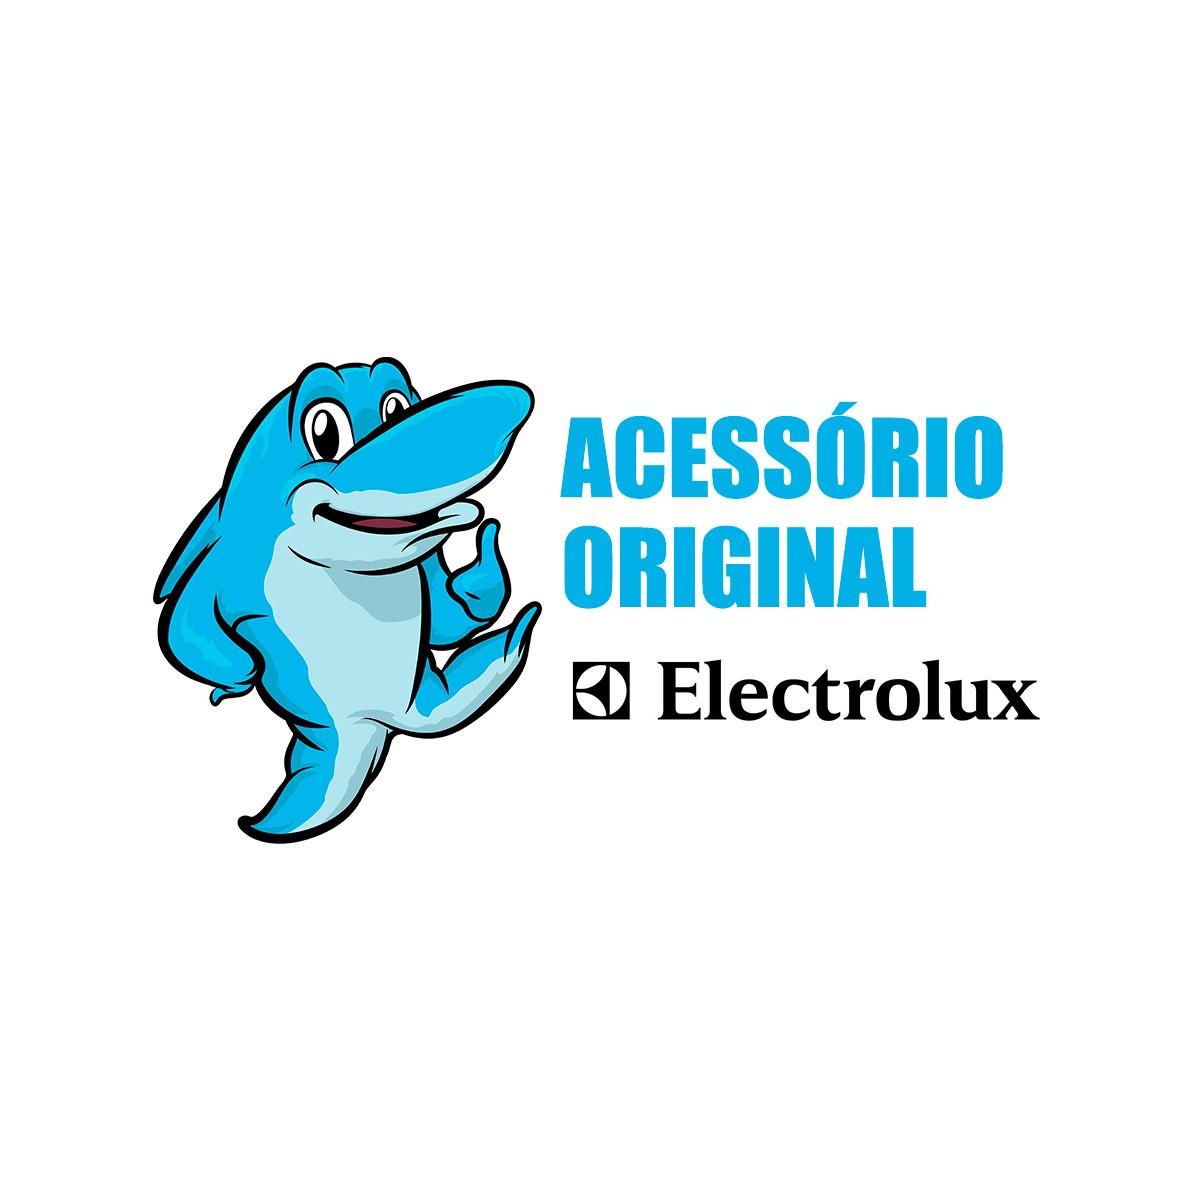 Filtro Polipropileno para Aspirador de pó Electrolux Gt30n Gt20n Original